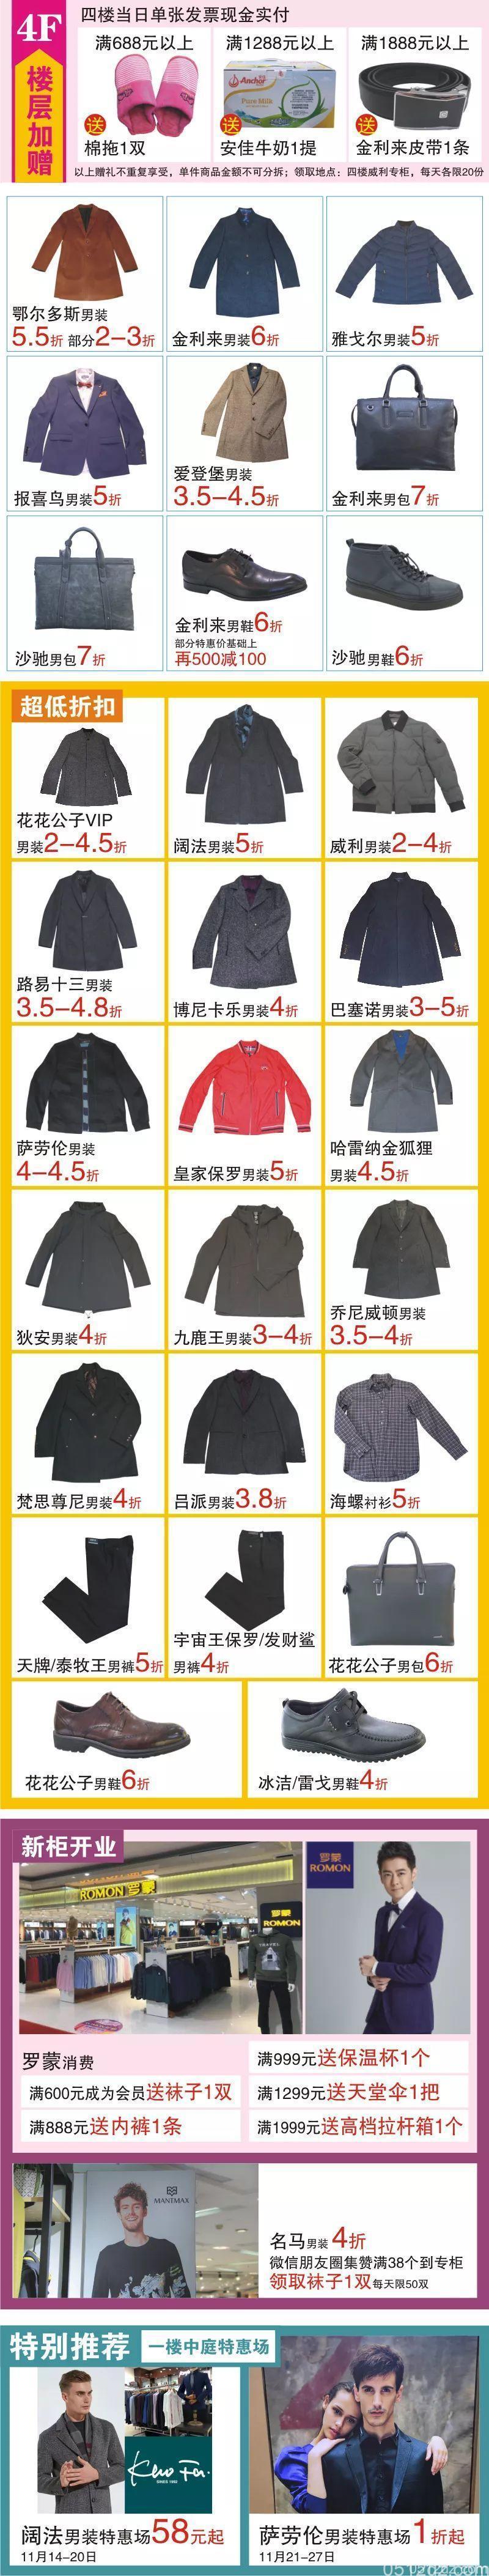 昆山商厦北门店十周年店庆火爆开启